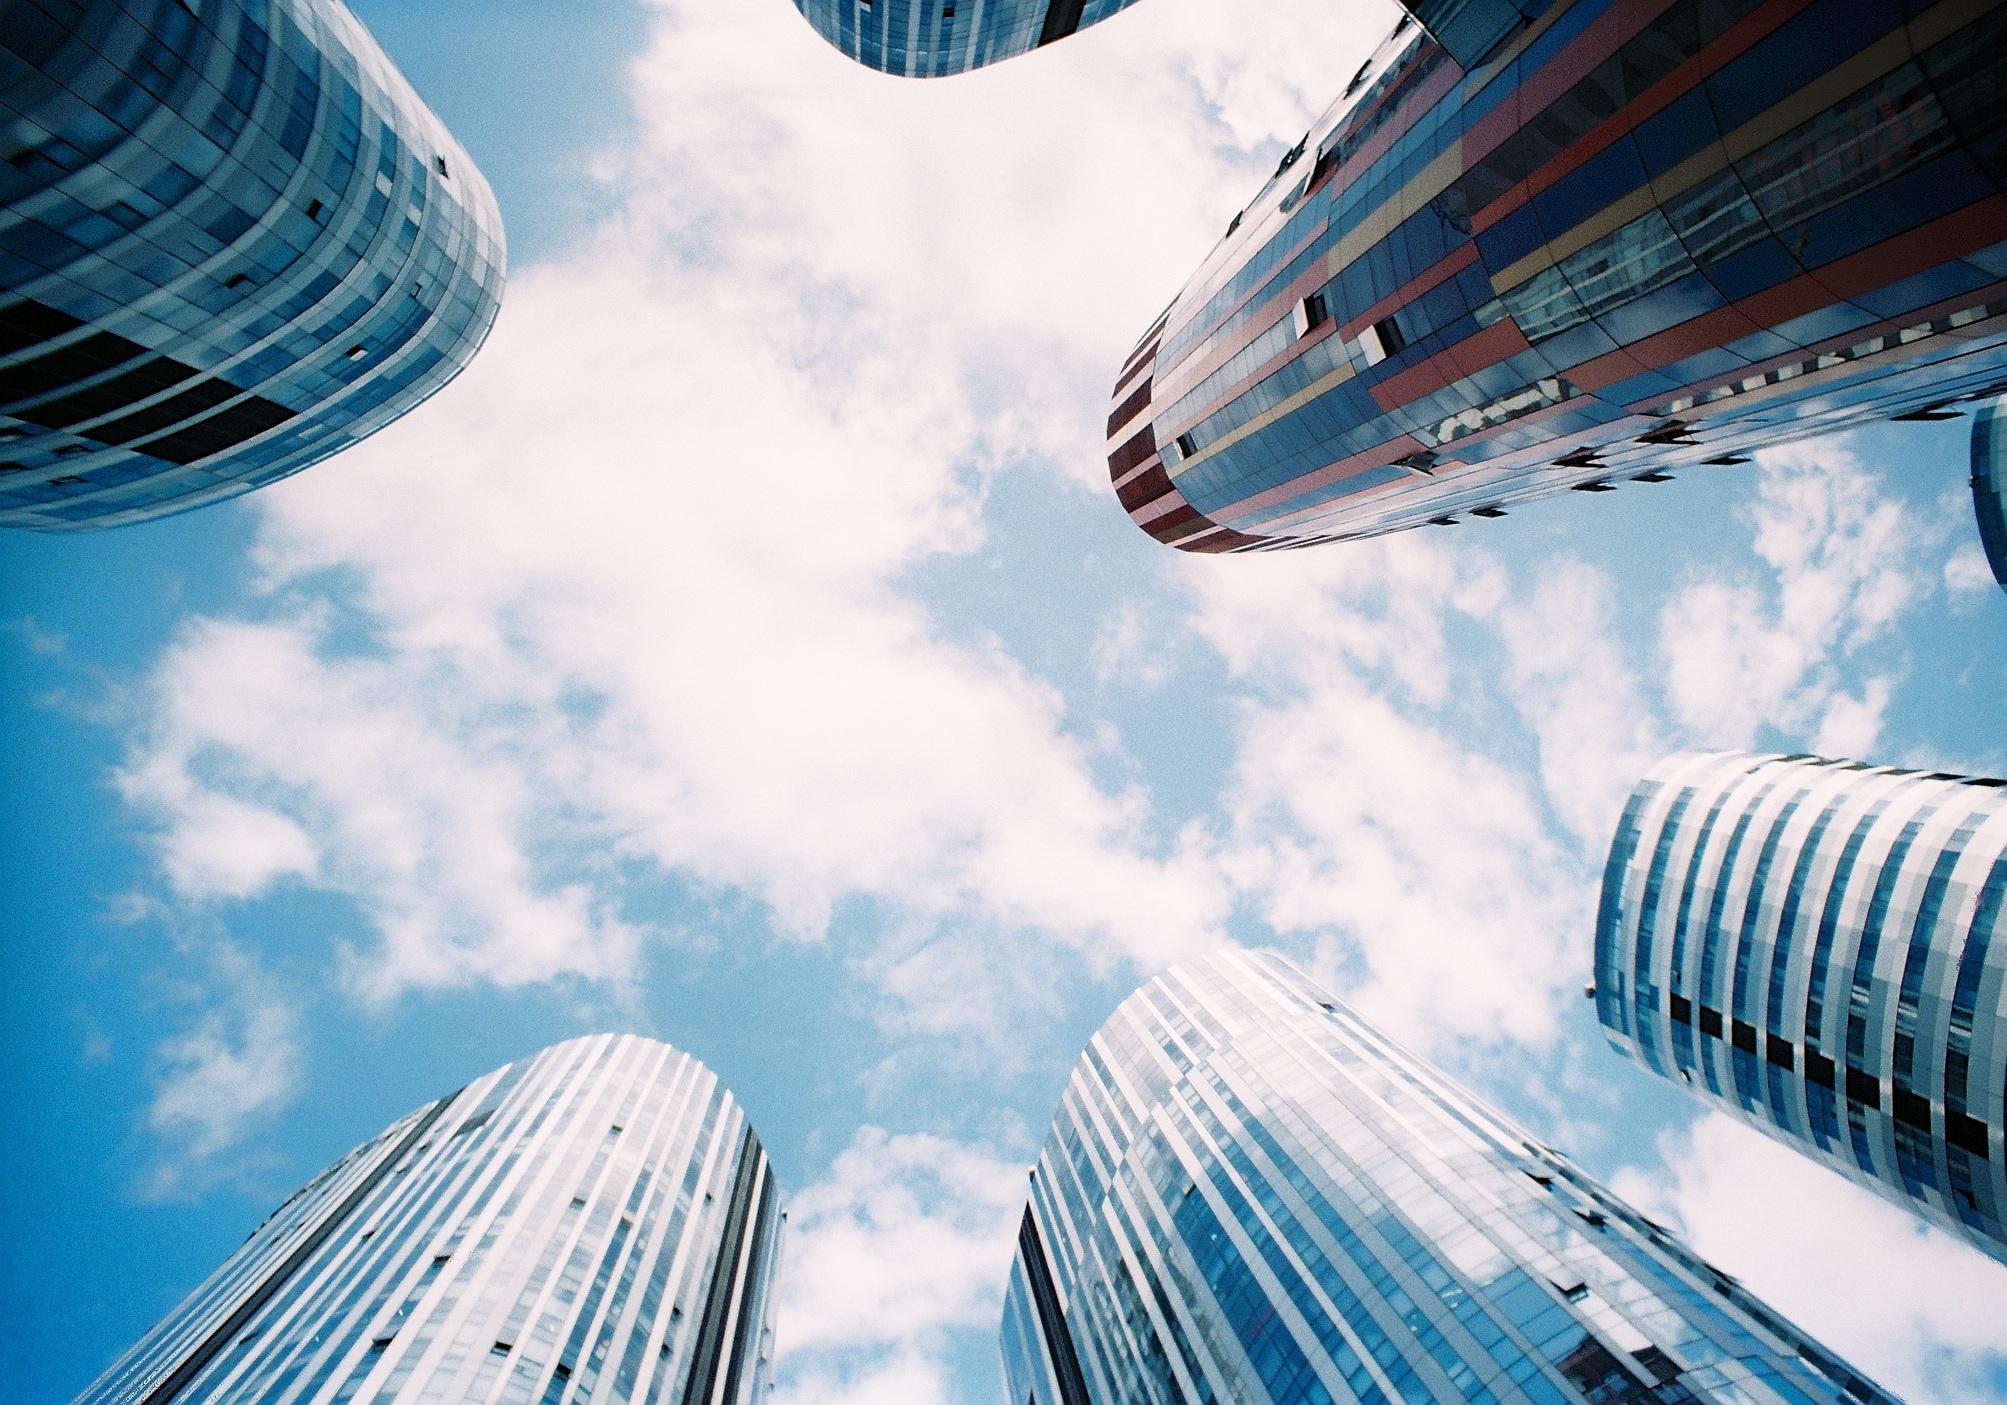 131079 Hintergrundbild 128x160 kostenlos auf deinem Handy, lade Bilder Sky, Stadt, Wolkenkratzer, Verschiedenes, Sonstige 128x160 auf dein Handy herunter